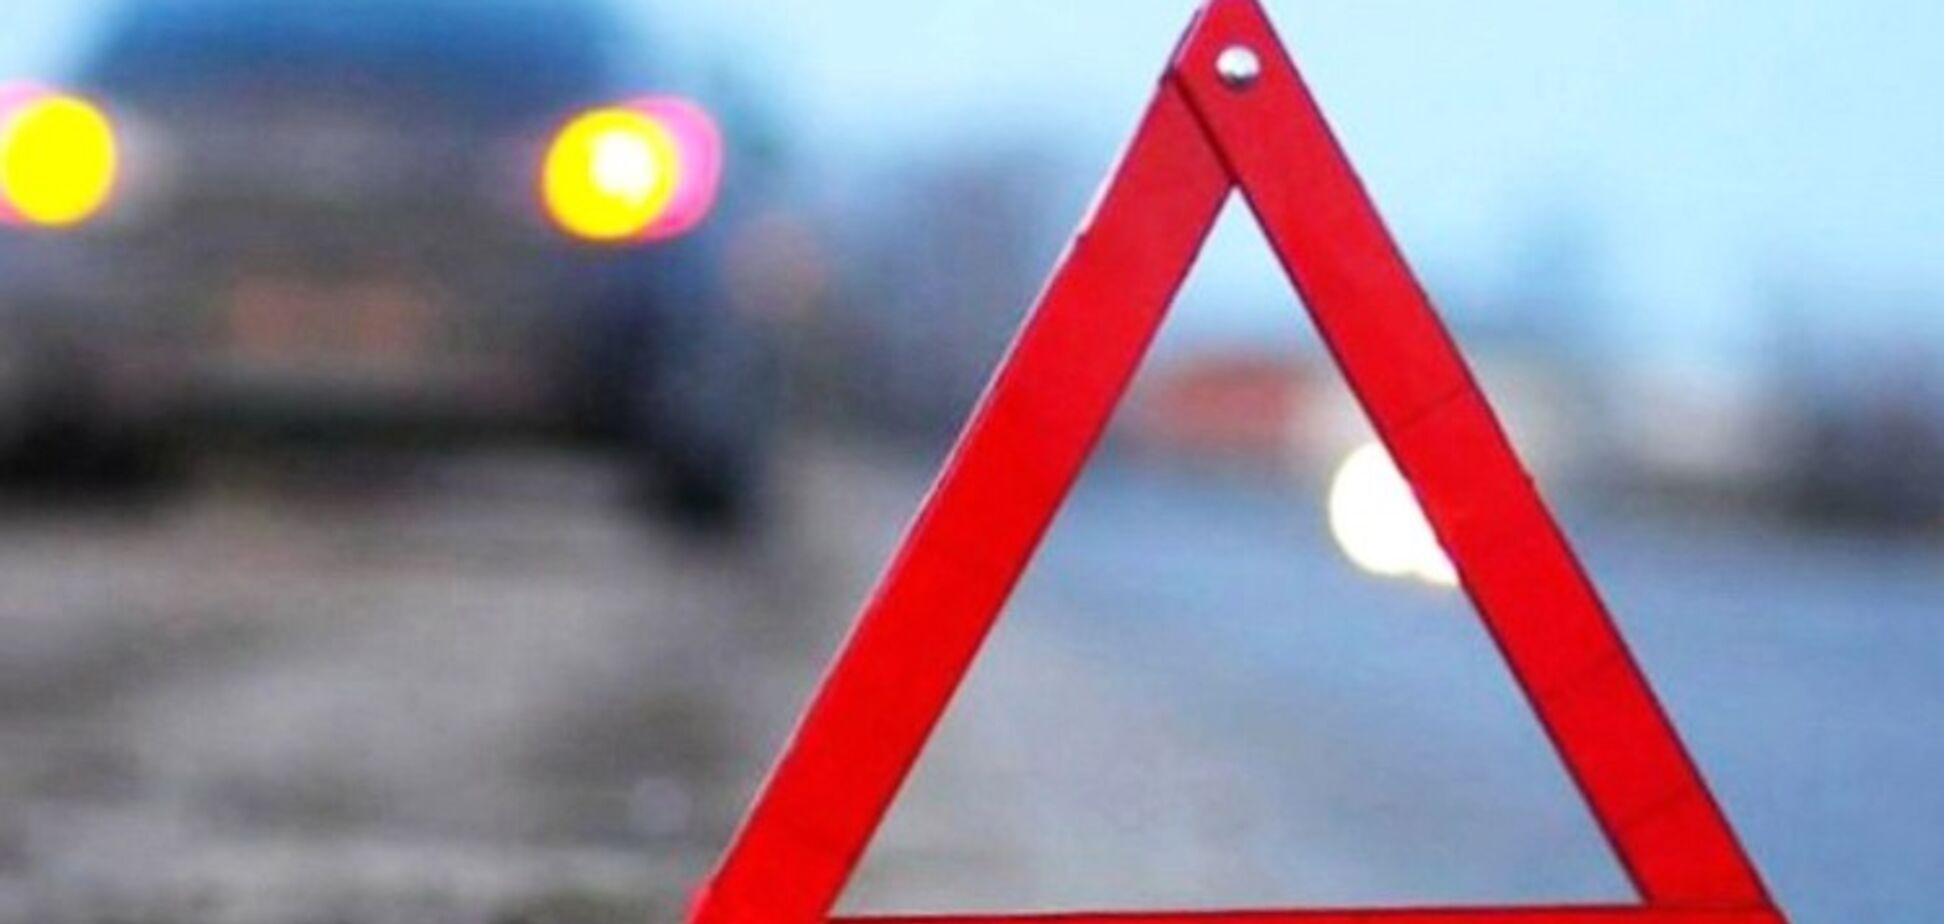 Правоохранители подозревают турка в совершении повлекшего смерть пешехода ДТП в Запорожской области